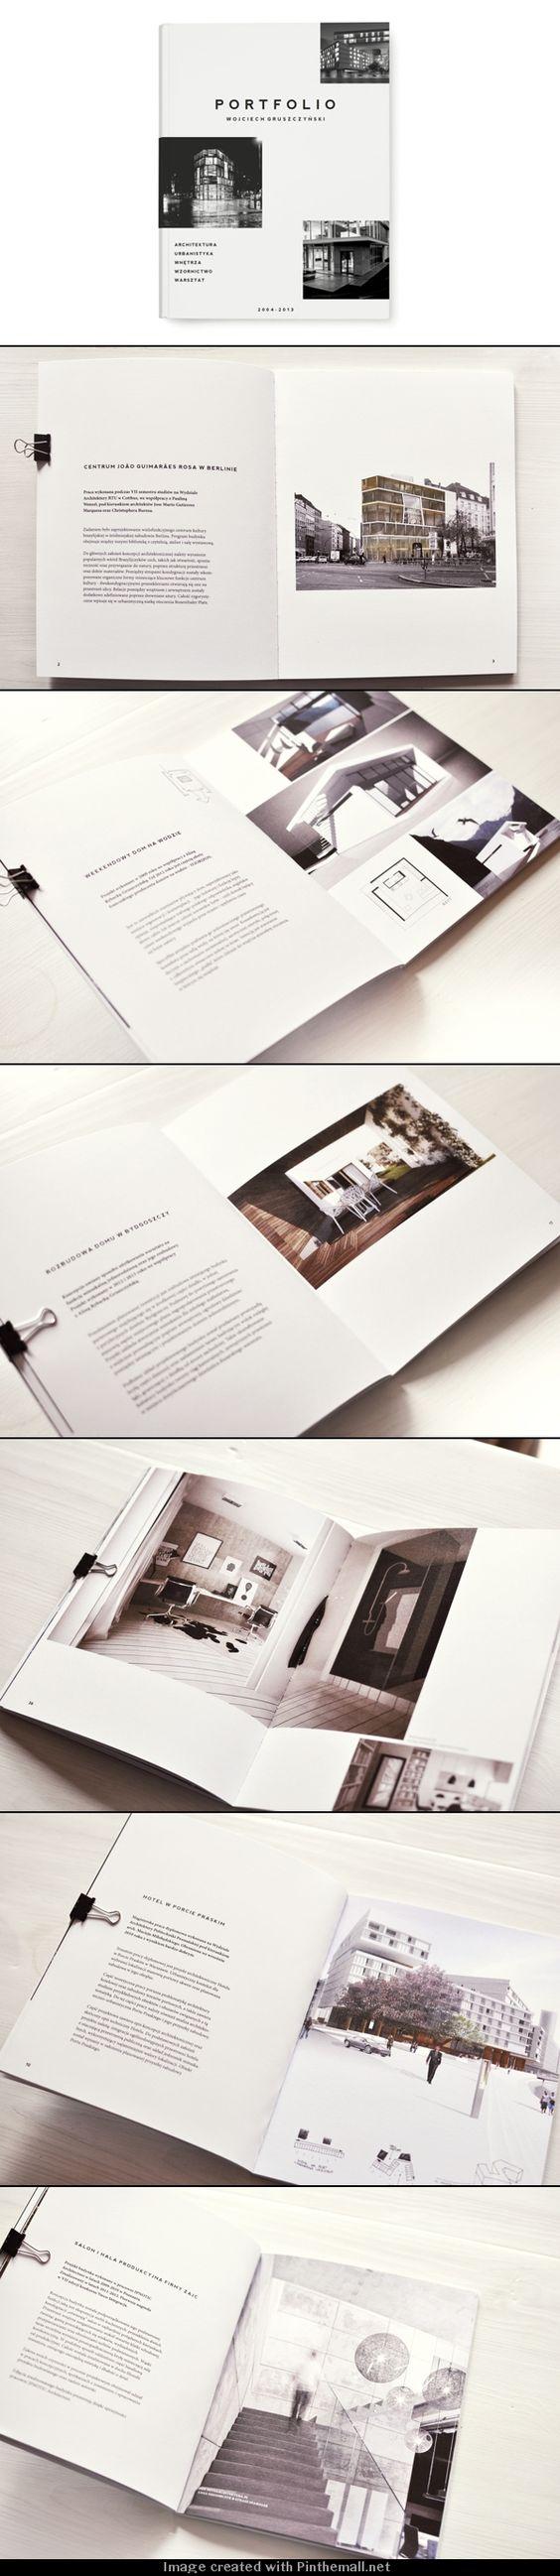 Referent mise schémas de conception portfolio design dintérieur portefeuilles de design dintérieur projet architectural portfolio layout